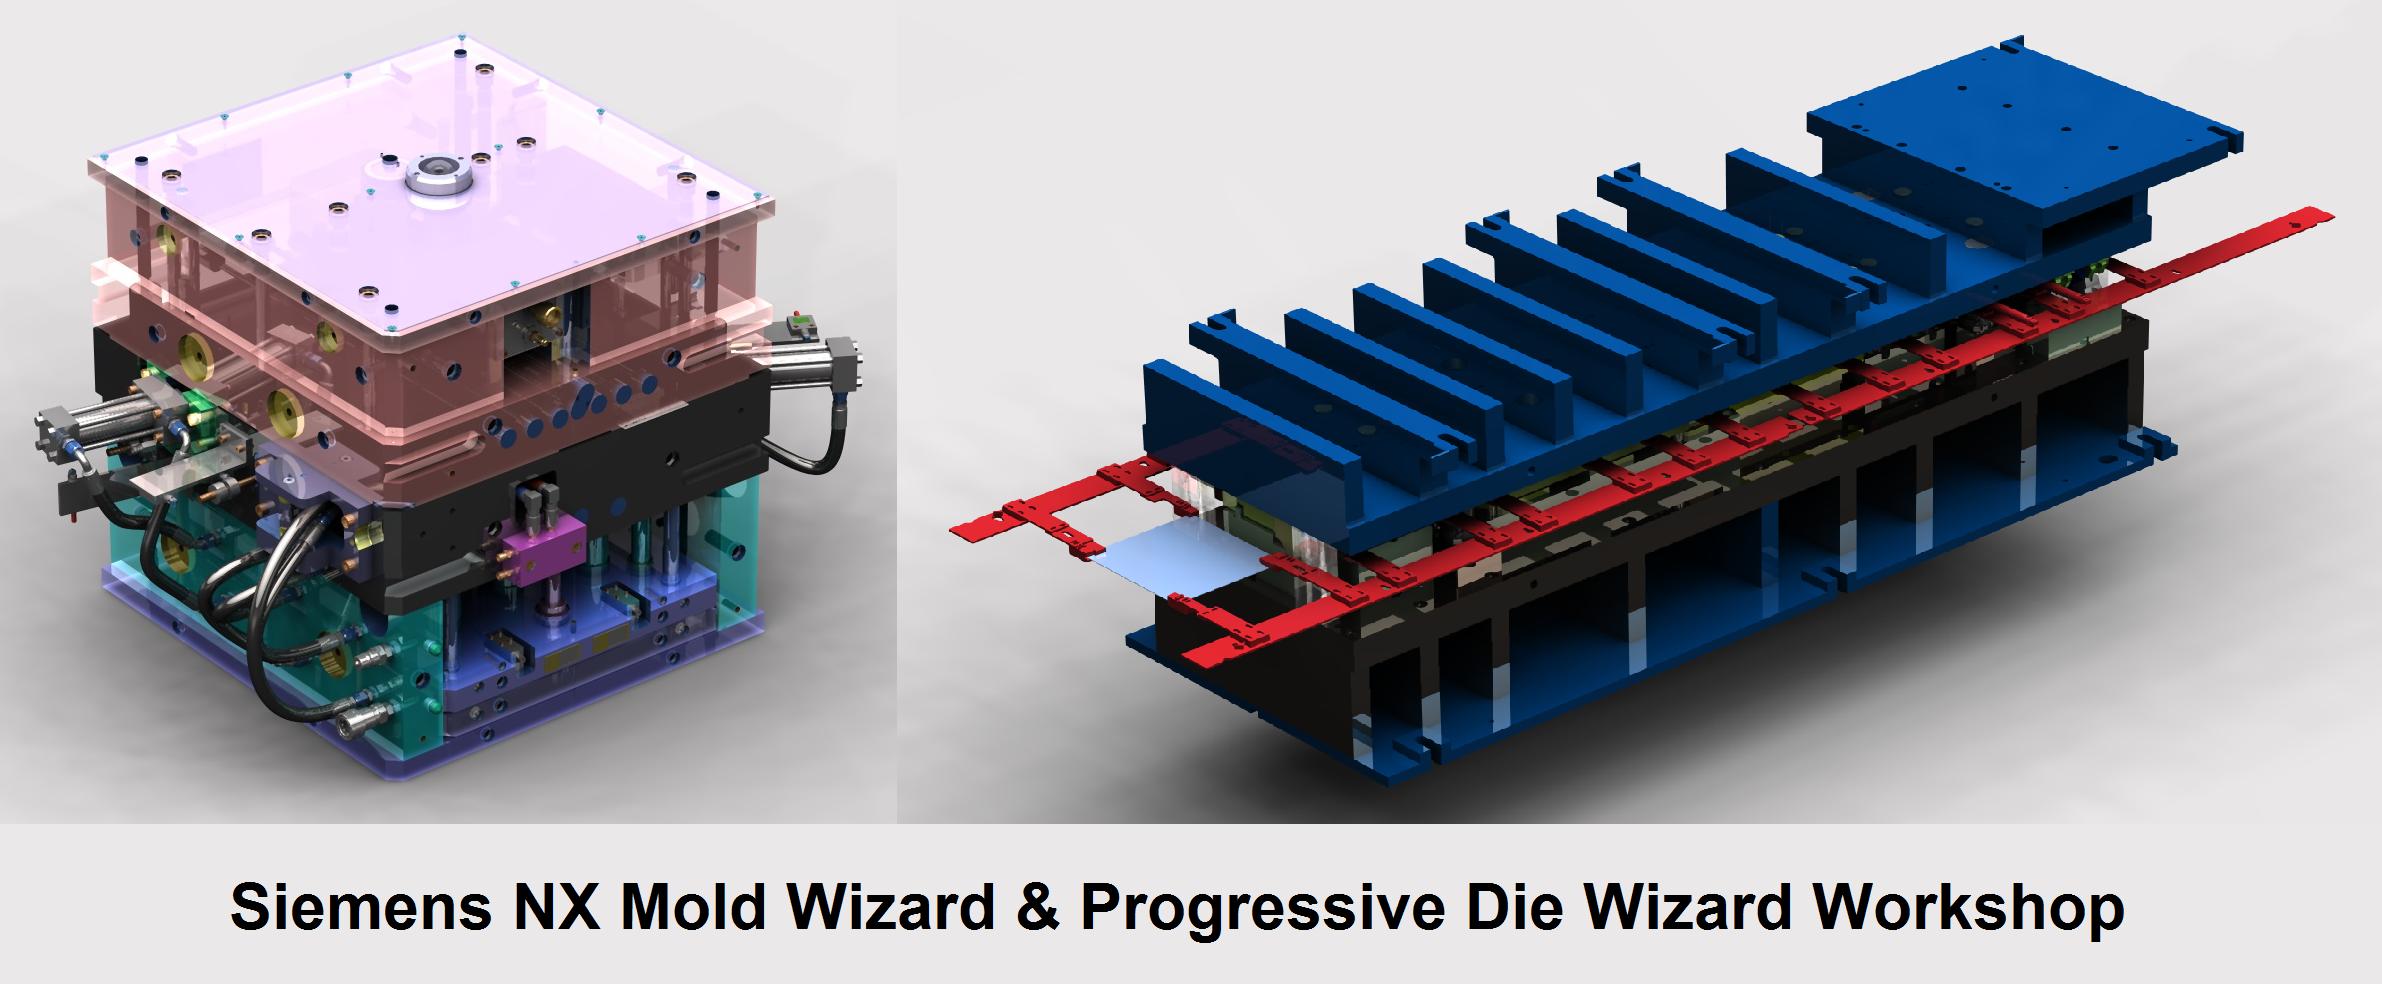 Siemens NX Mold Wizard & Progressive Die Wizard Workshop